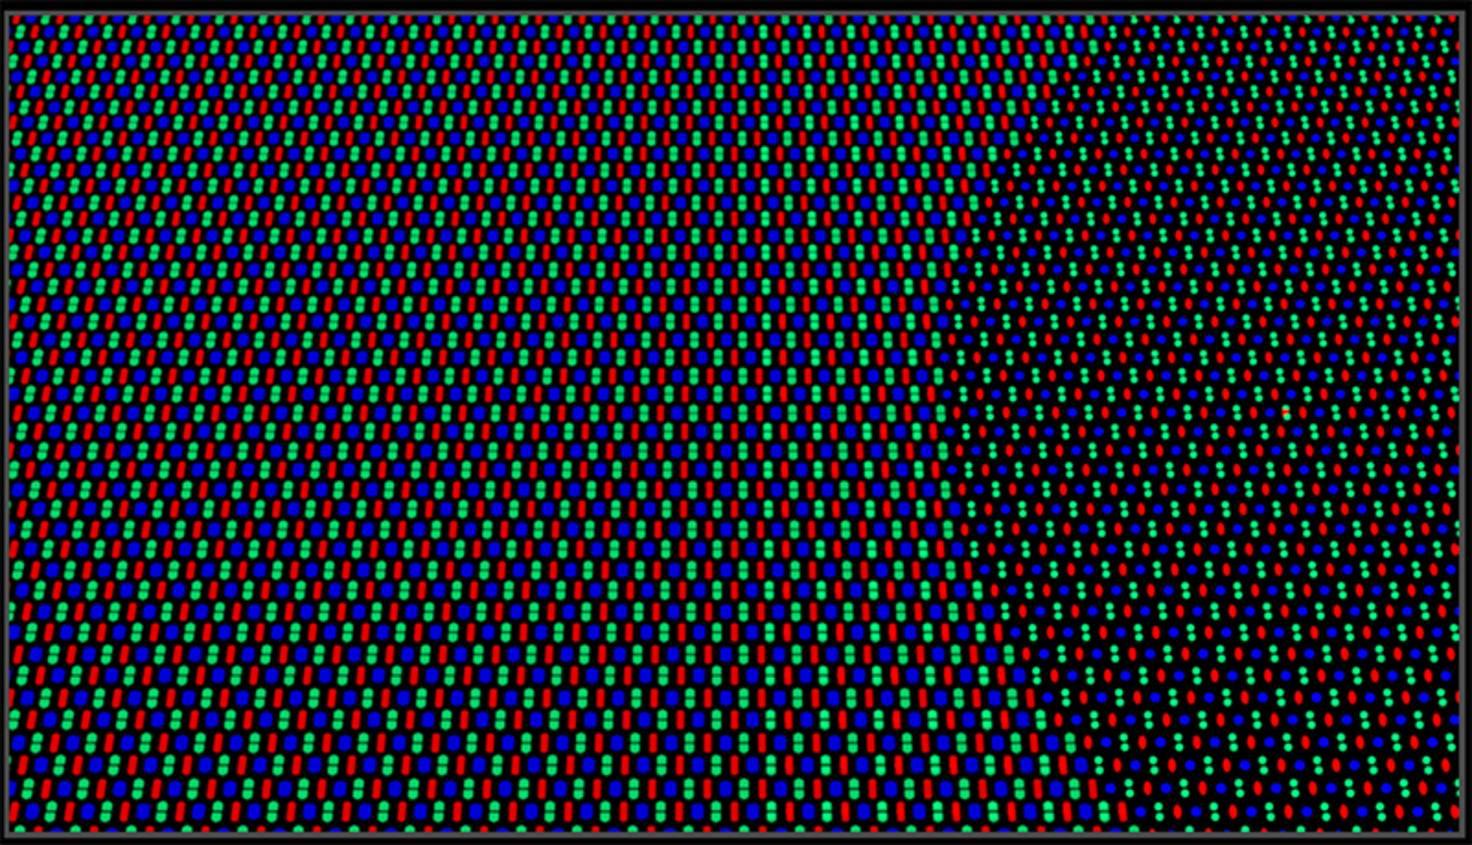 Matrice de pixels Oppo